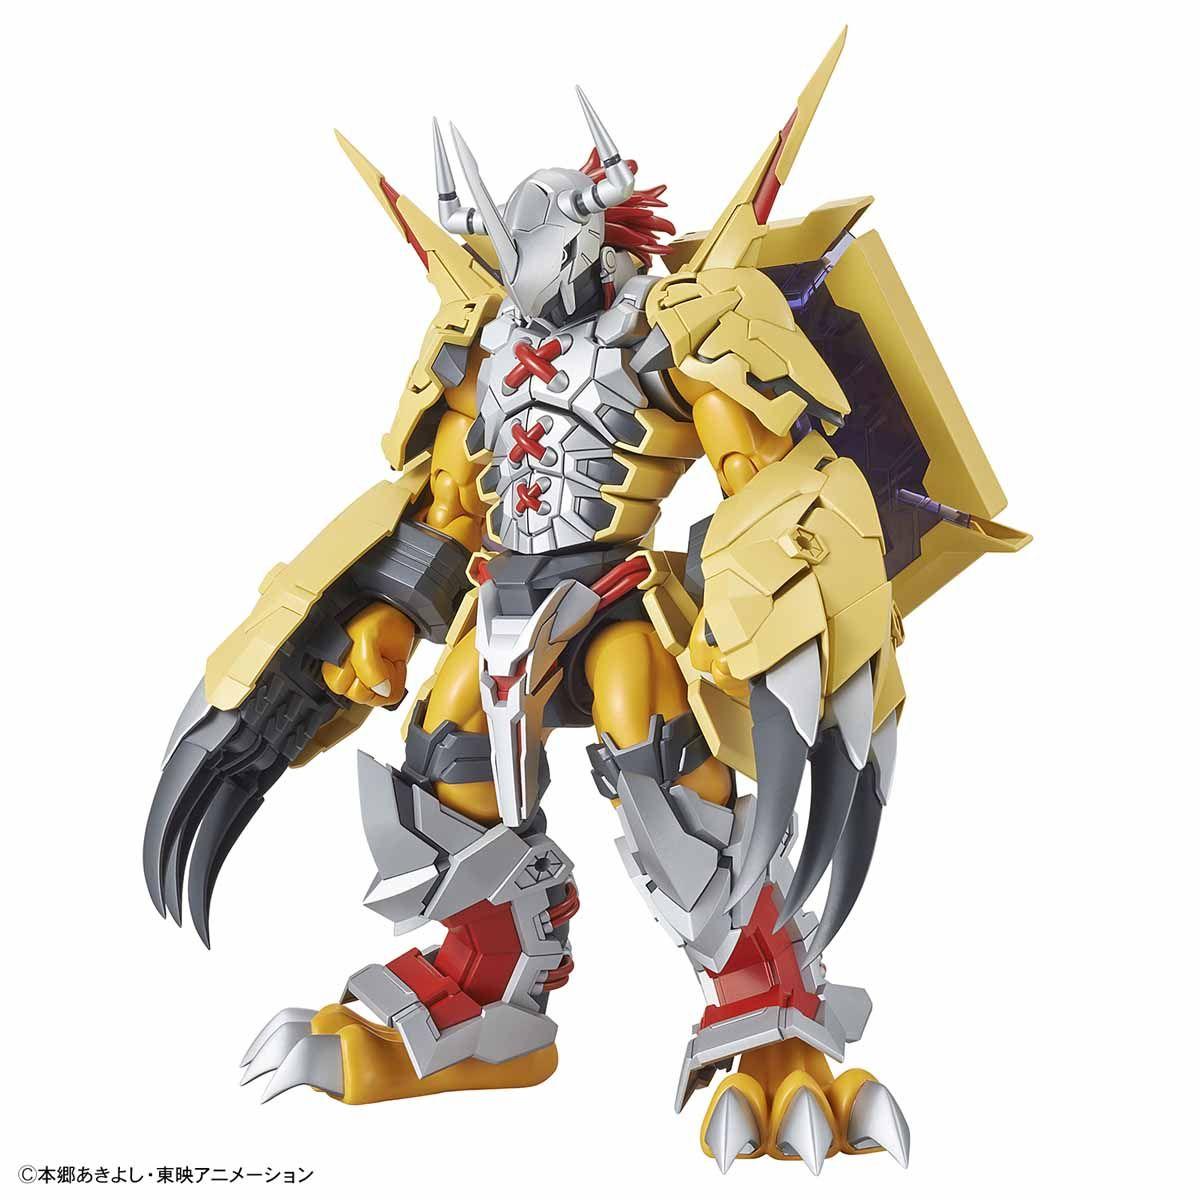 「Figure-rise Standard Amplified ウォーグレイモン」はTVアニメでの姿をもとにオリジナルアレンジを施したプラモデル